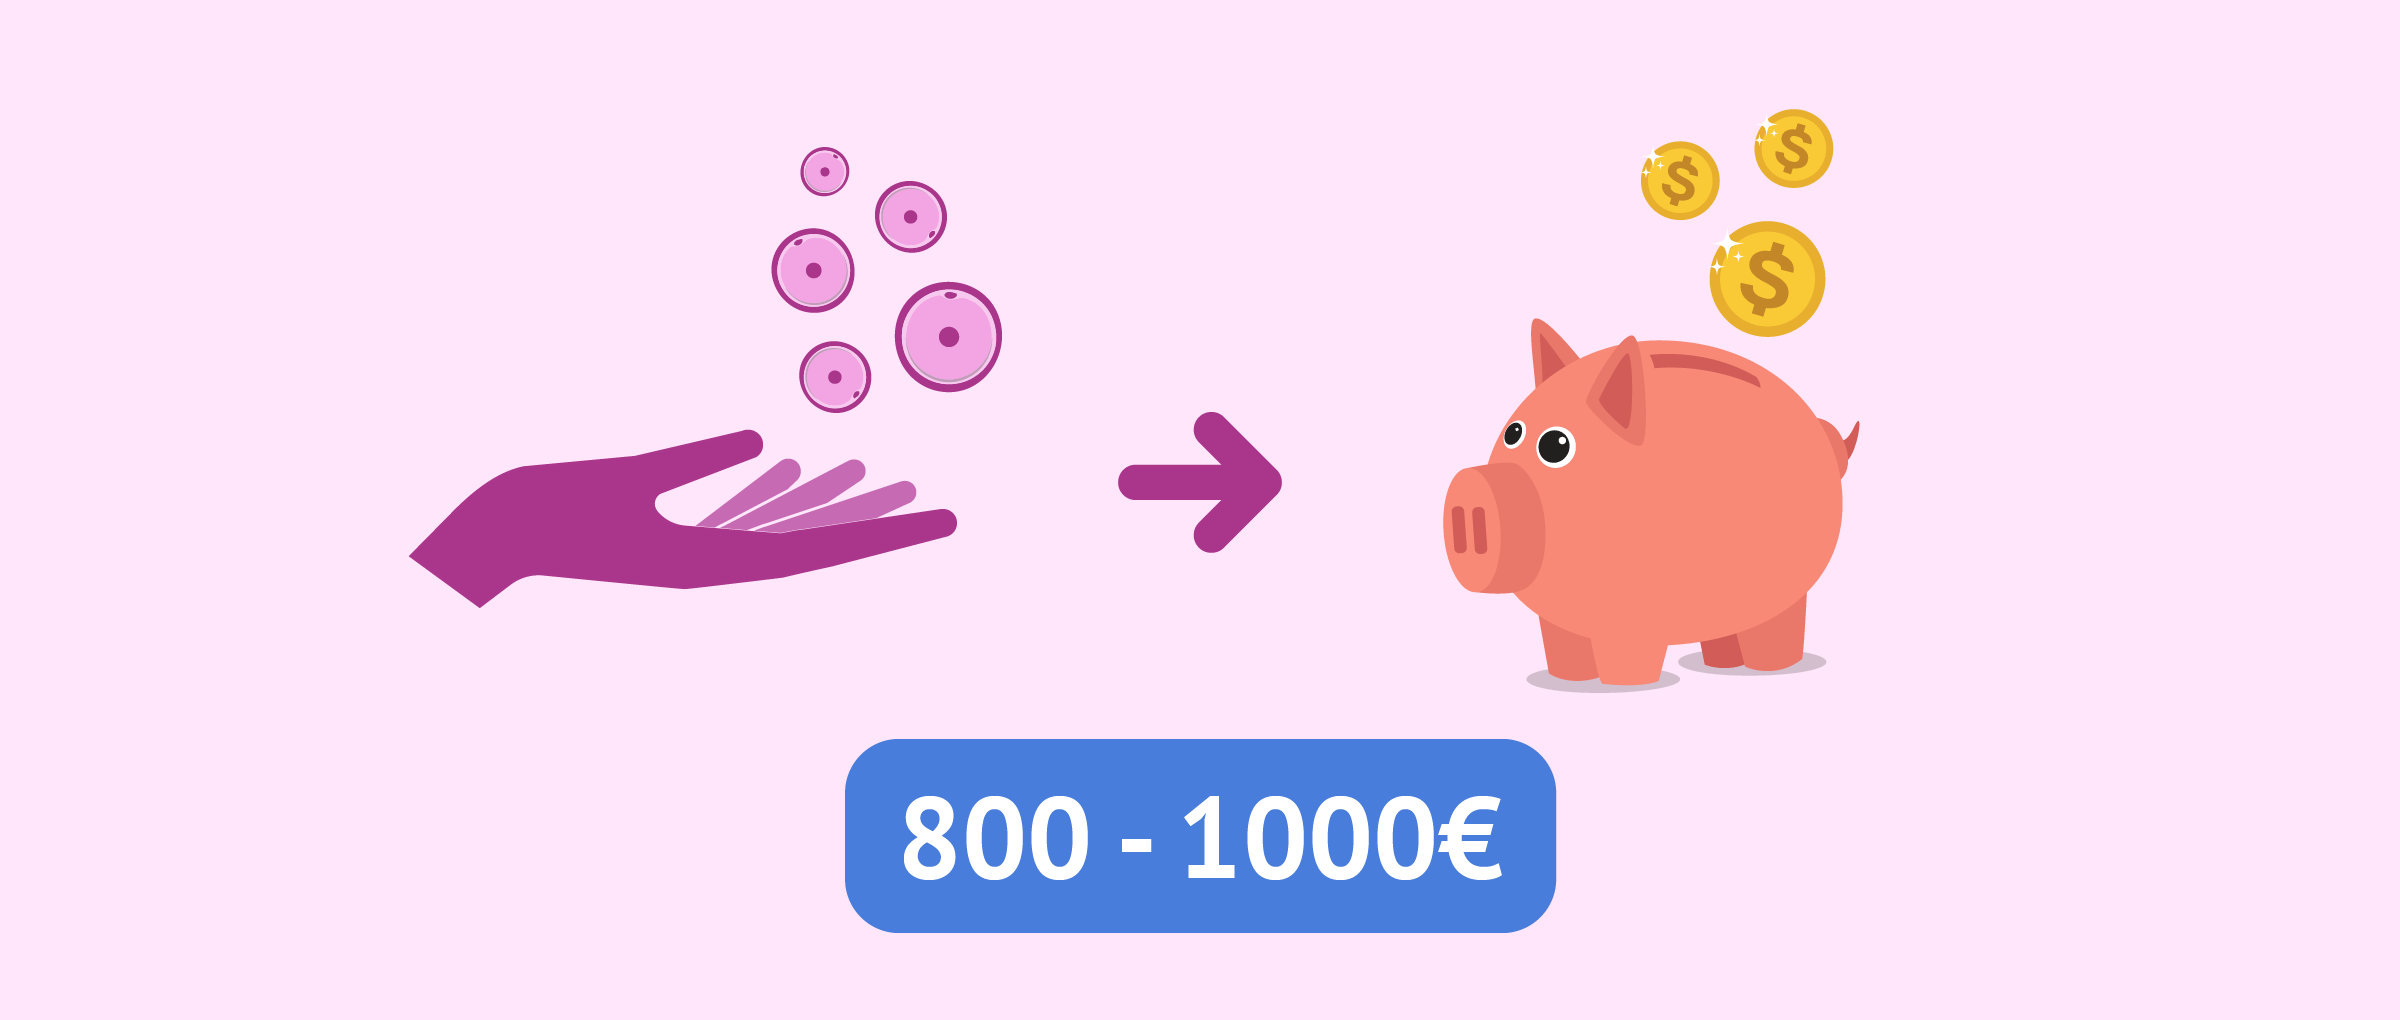 ¿Cuál es la recompensa económica por donar óvulos?